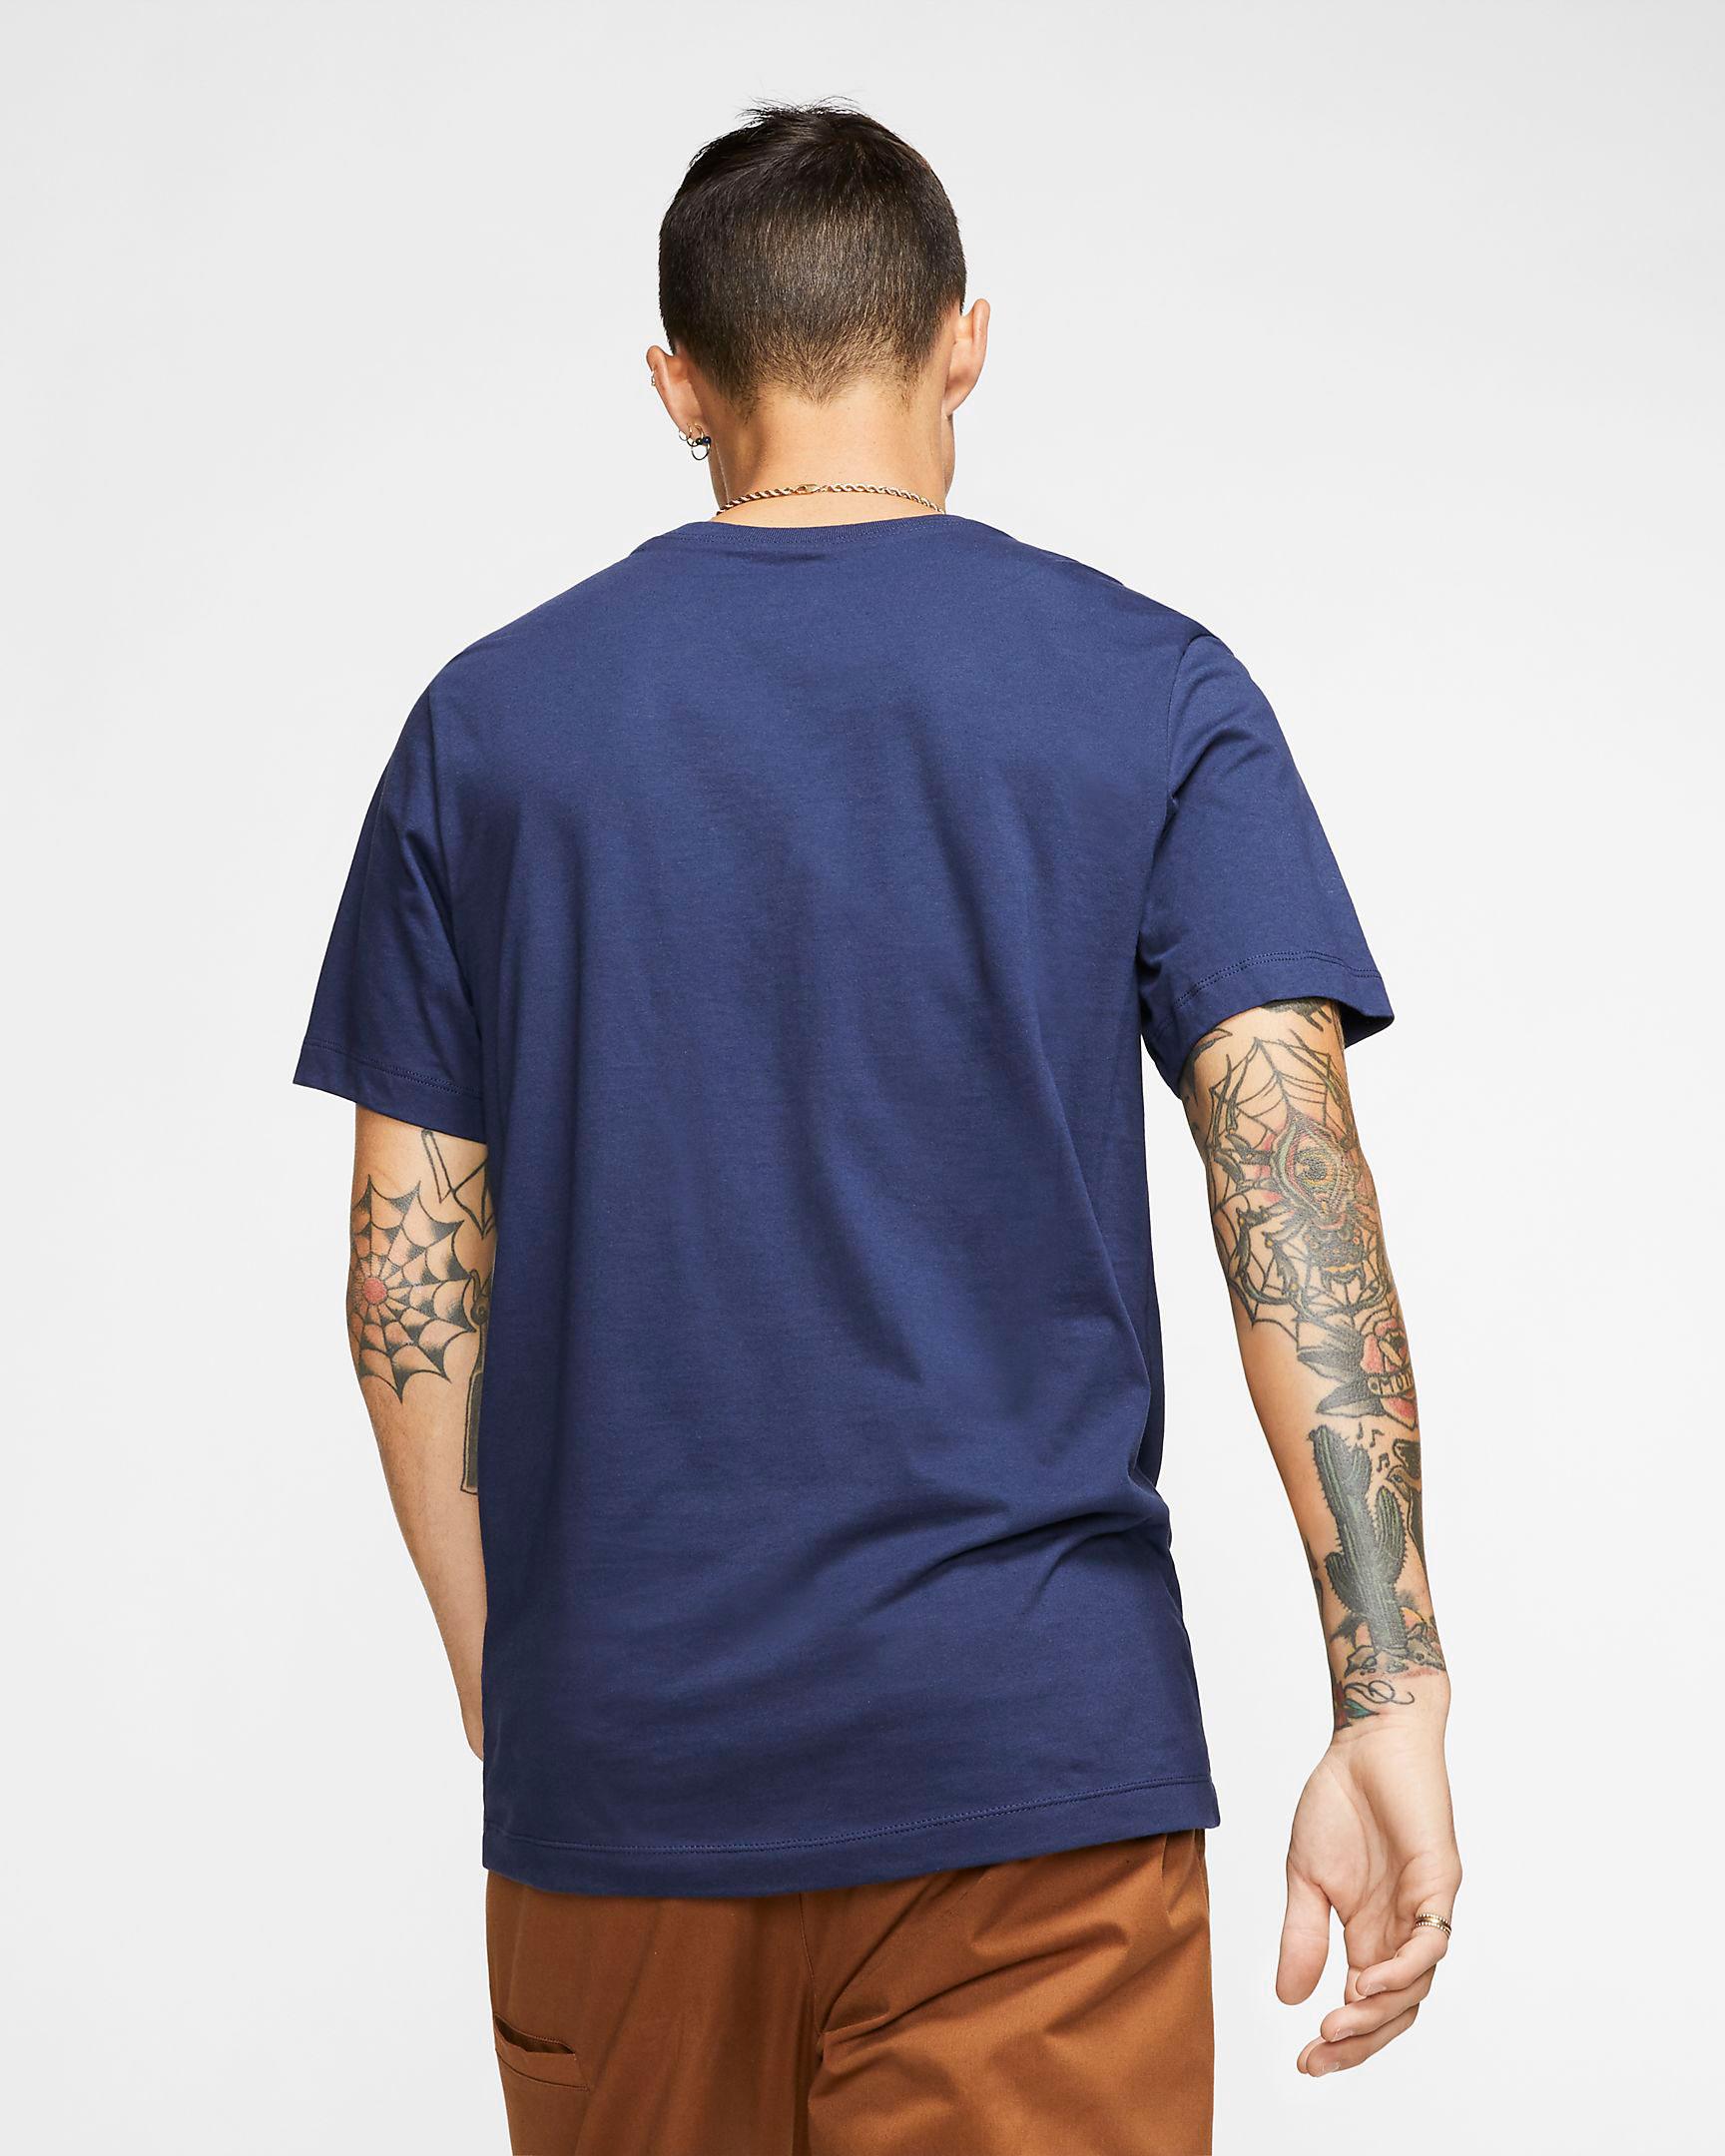 air-jordan-1-midnight-navy-shirt-3